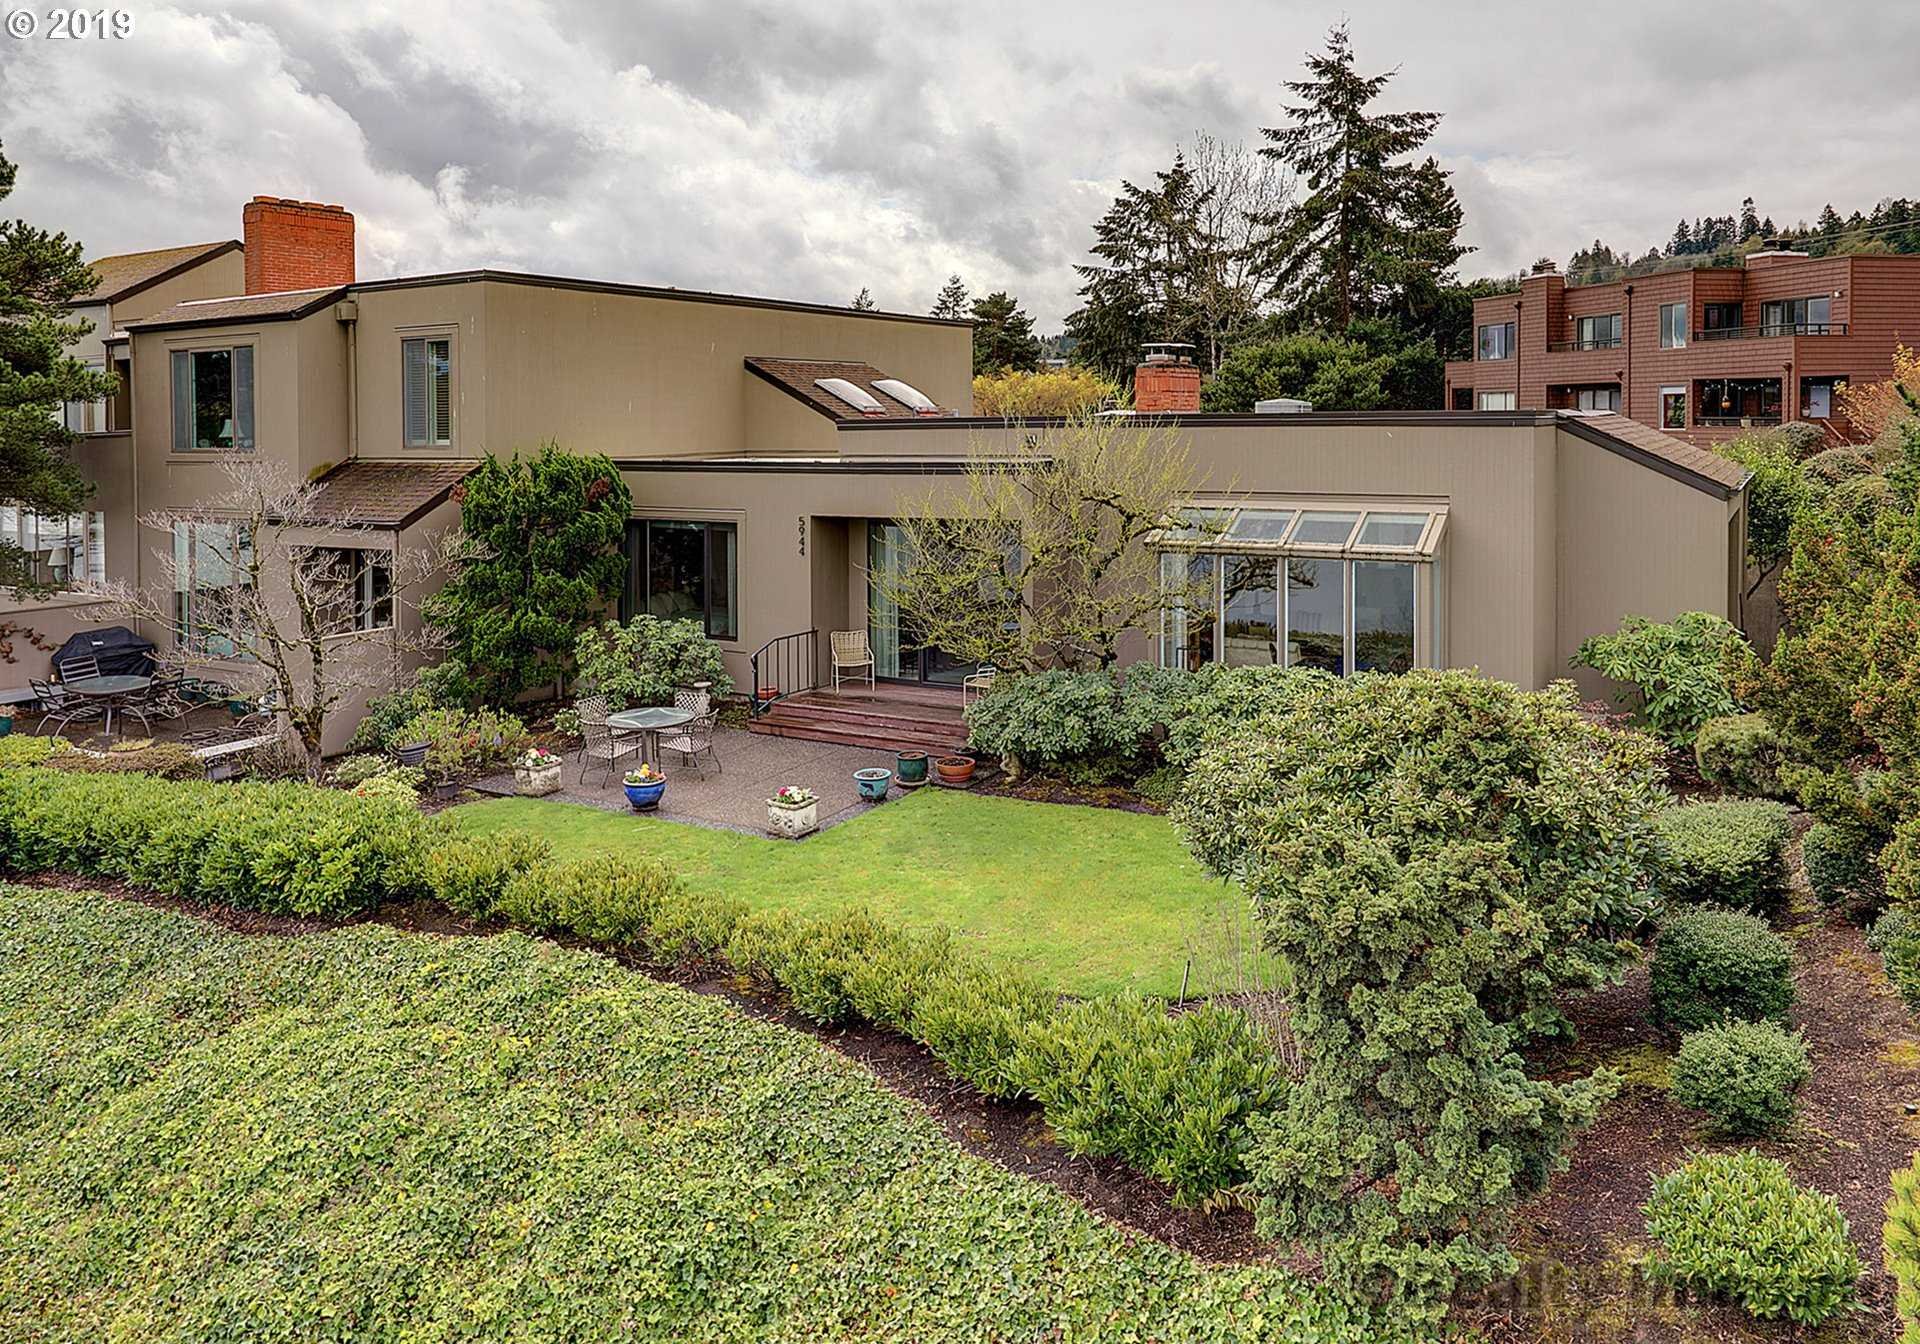 $1,270,000 - 2Br/3Ba -  for Sale in John's Landing, Portland